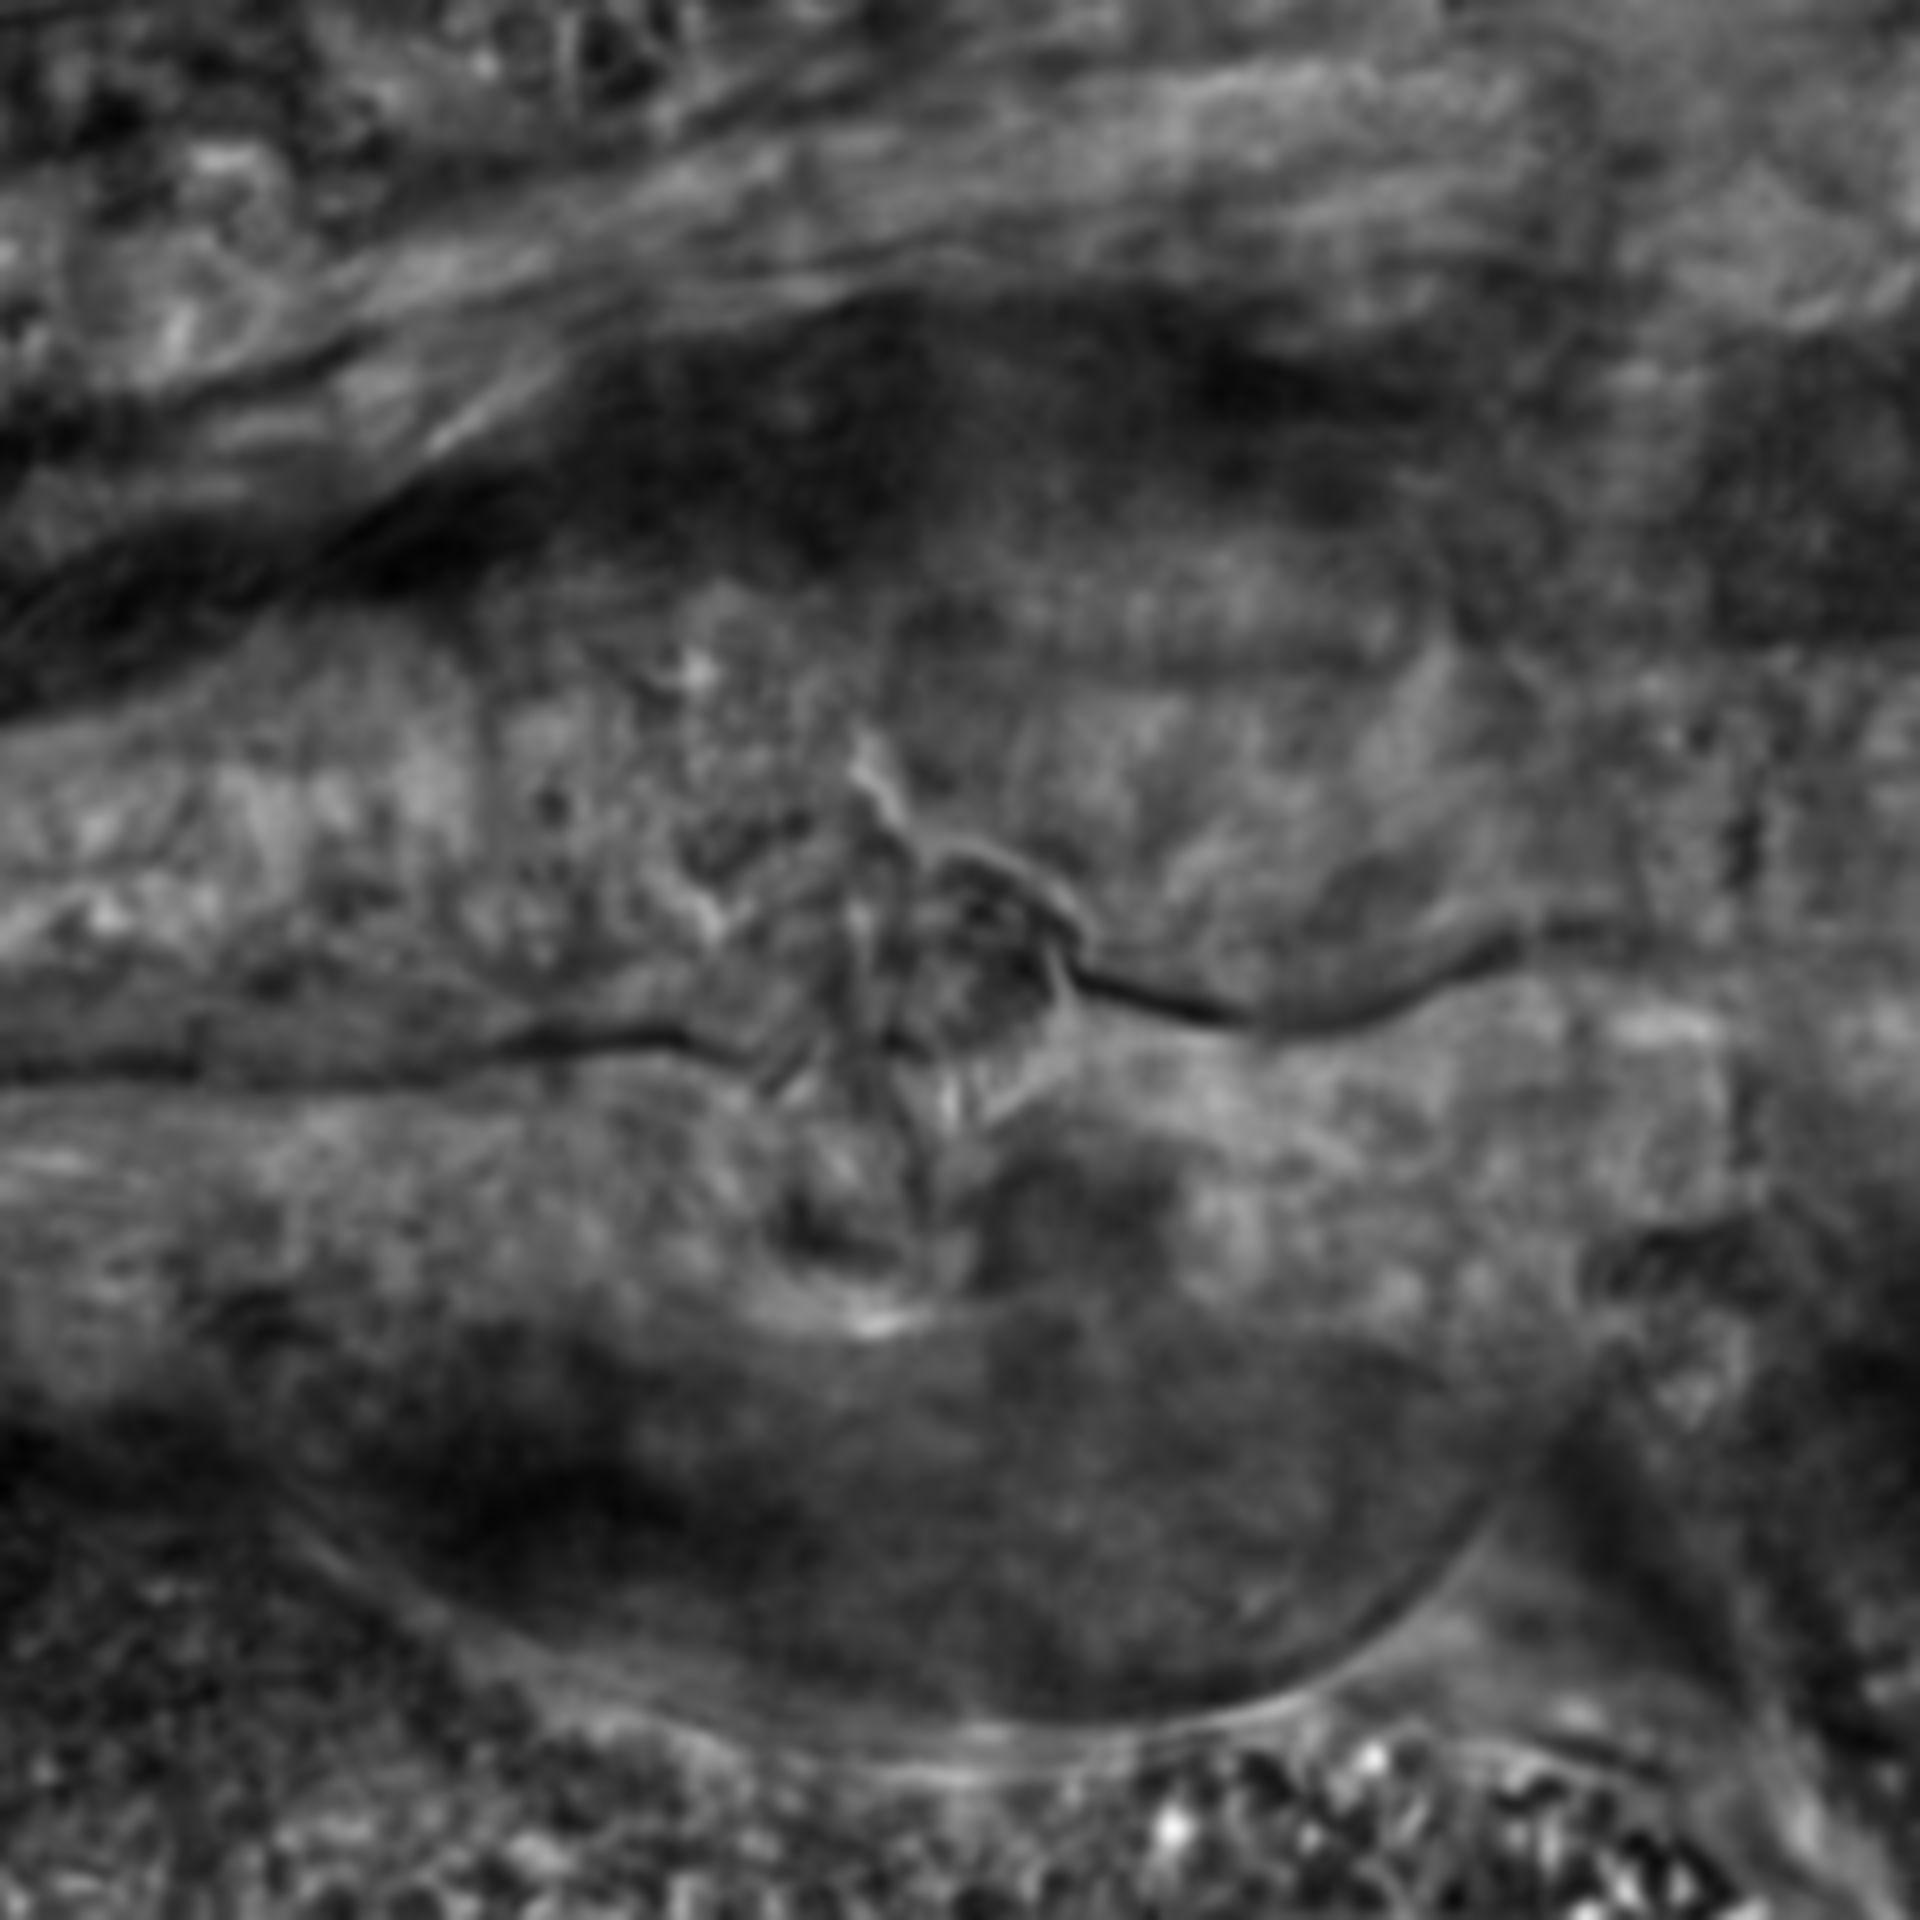 Caenorhabditis elegans - CIL:2292